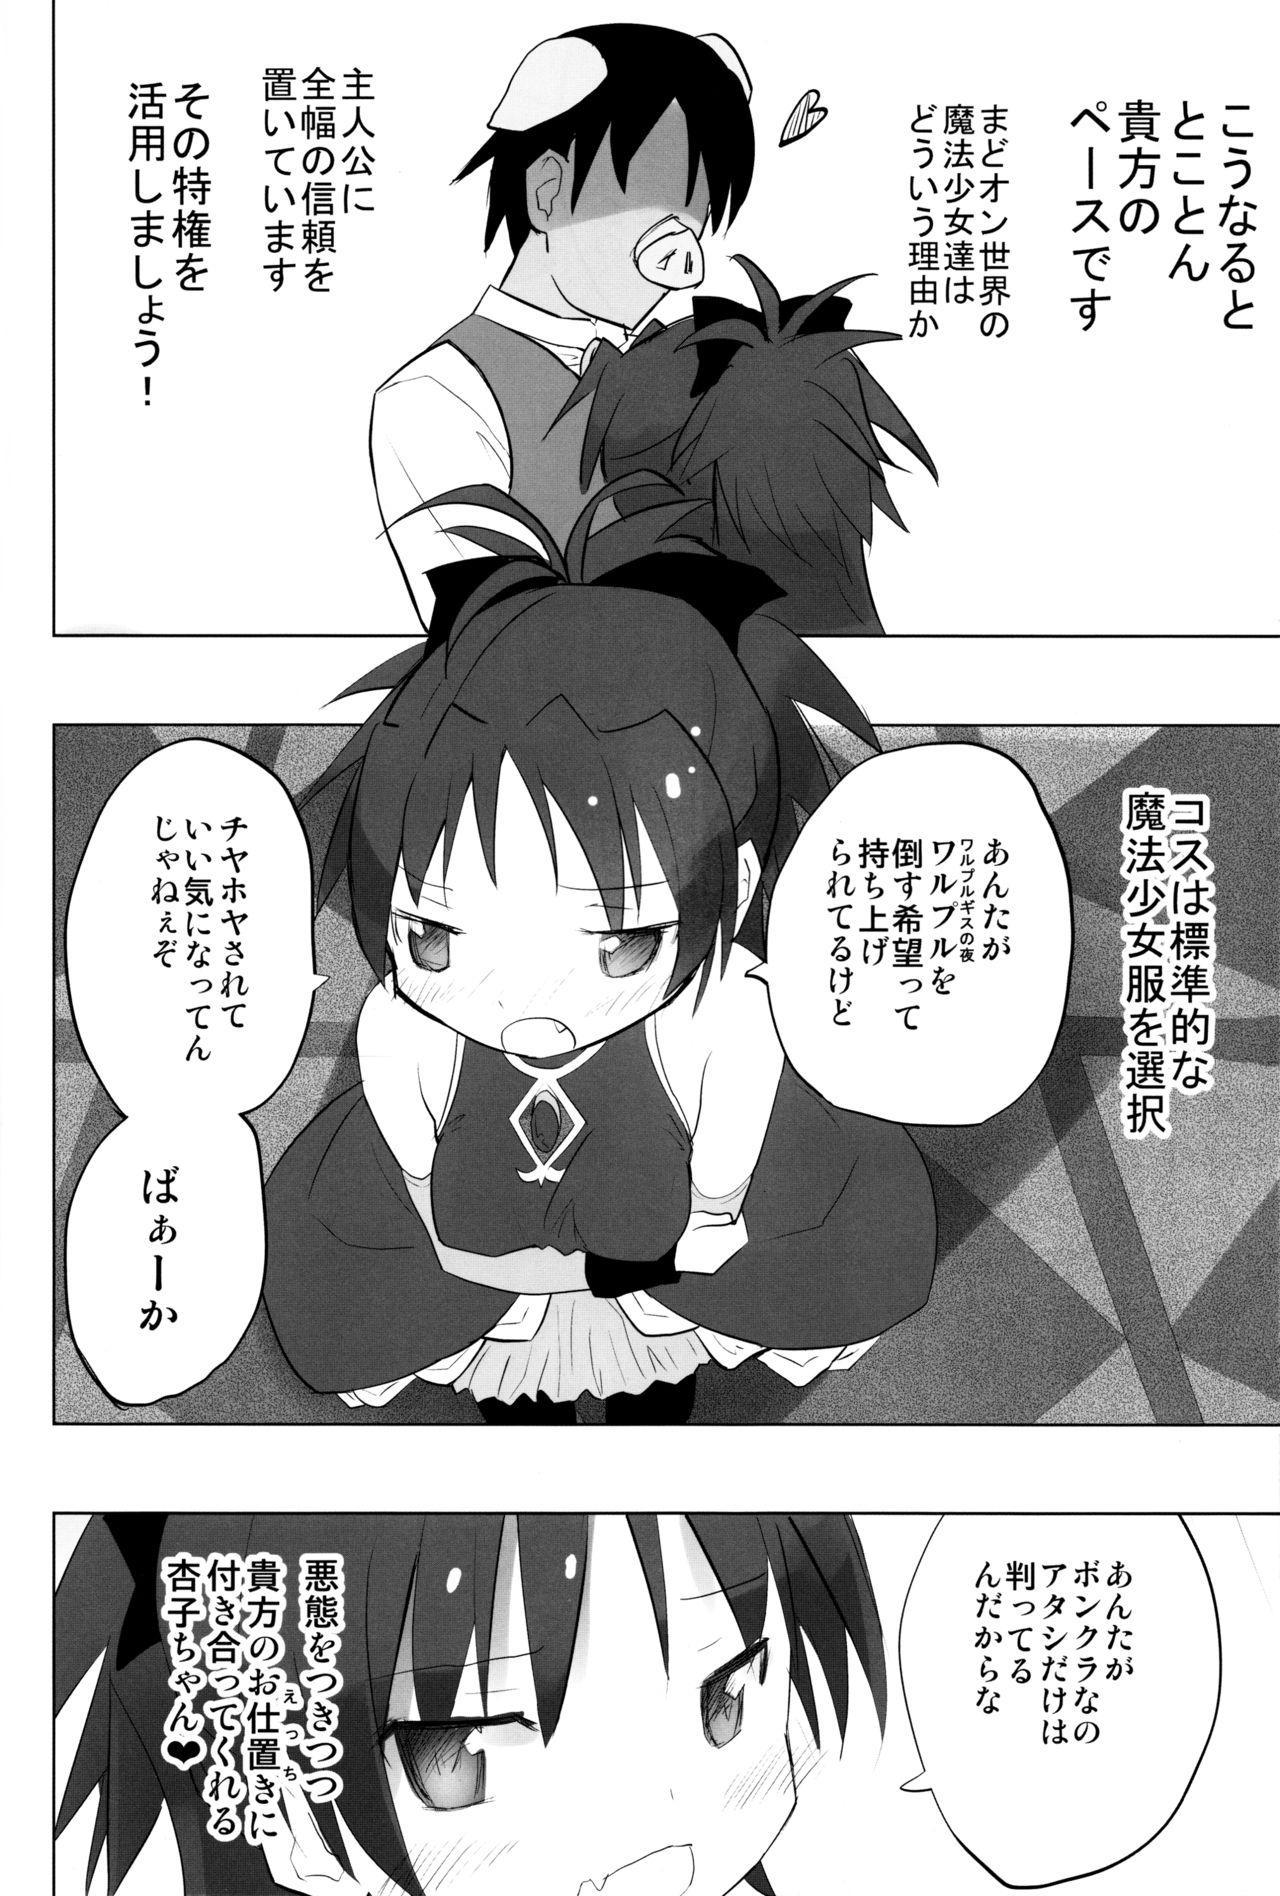 MadoOn no Sekai dato Ossan wa Mahou Shoujo de Sunao na Kyouko-chan o Tsuremawashite Zaiakukan Bokki 4